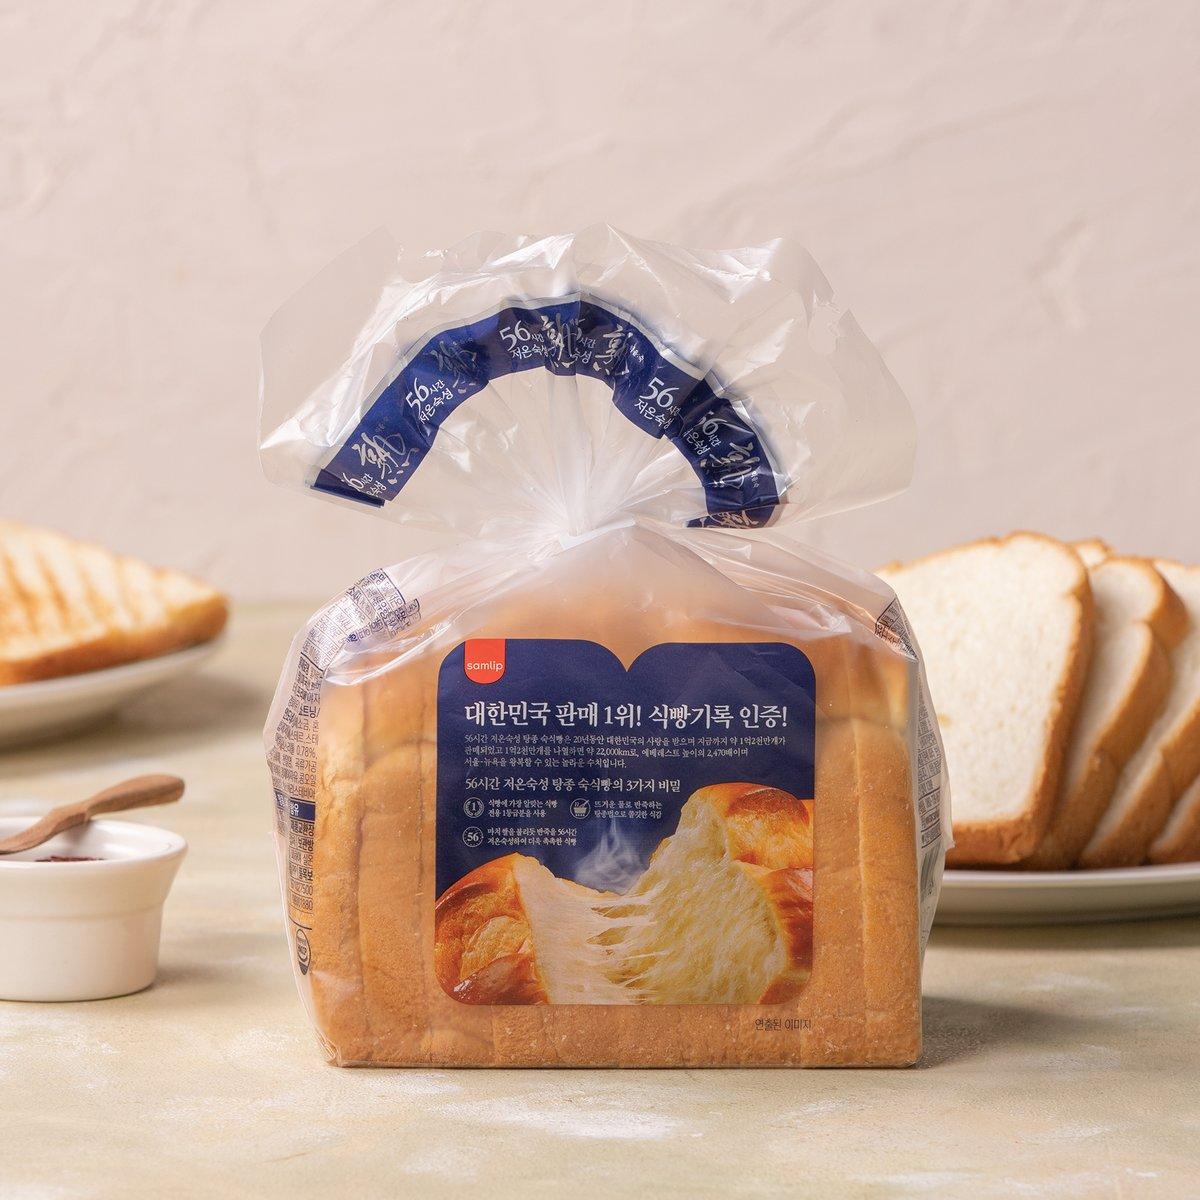 [삼립] 56시간 저온숙성 숙식빵 420g